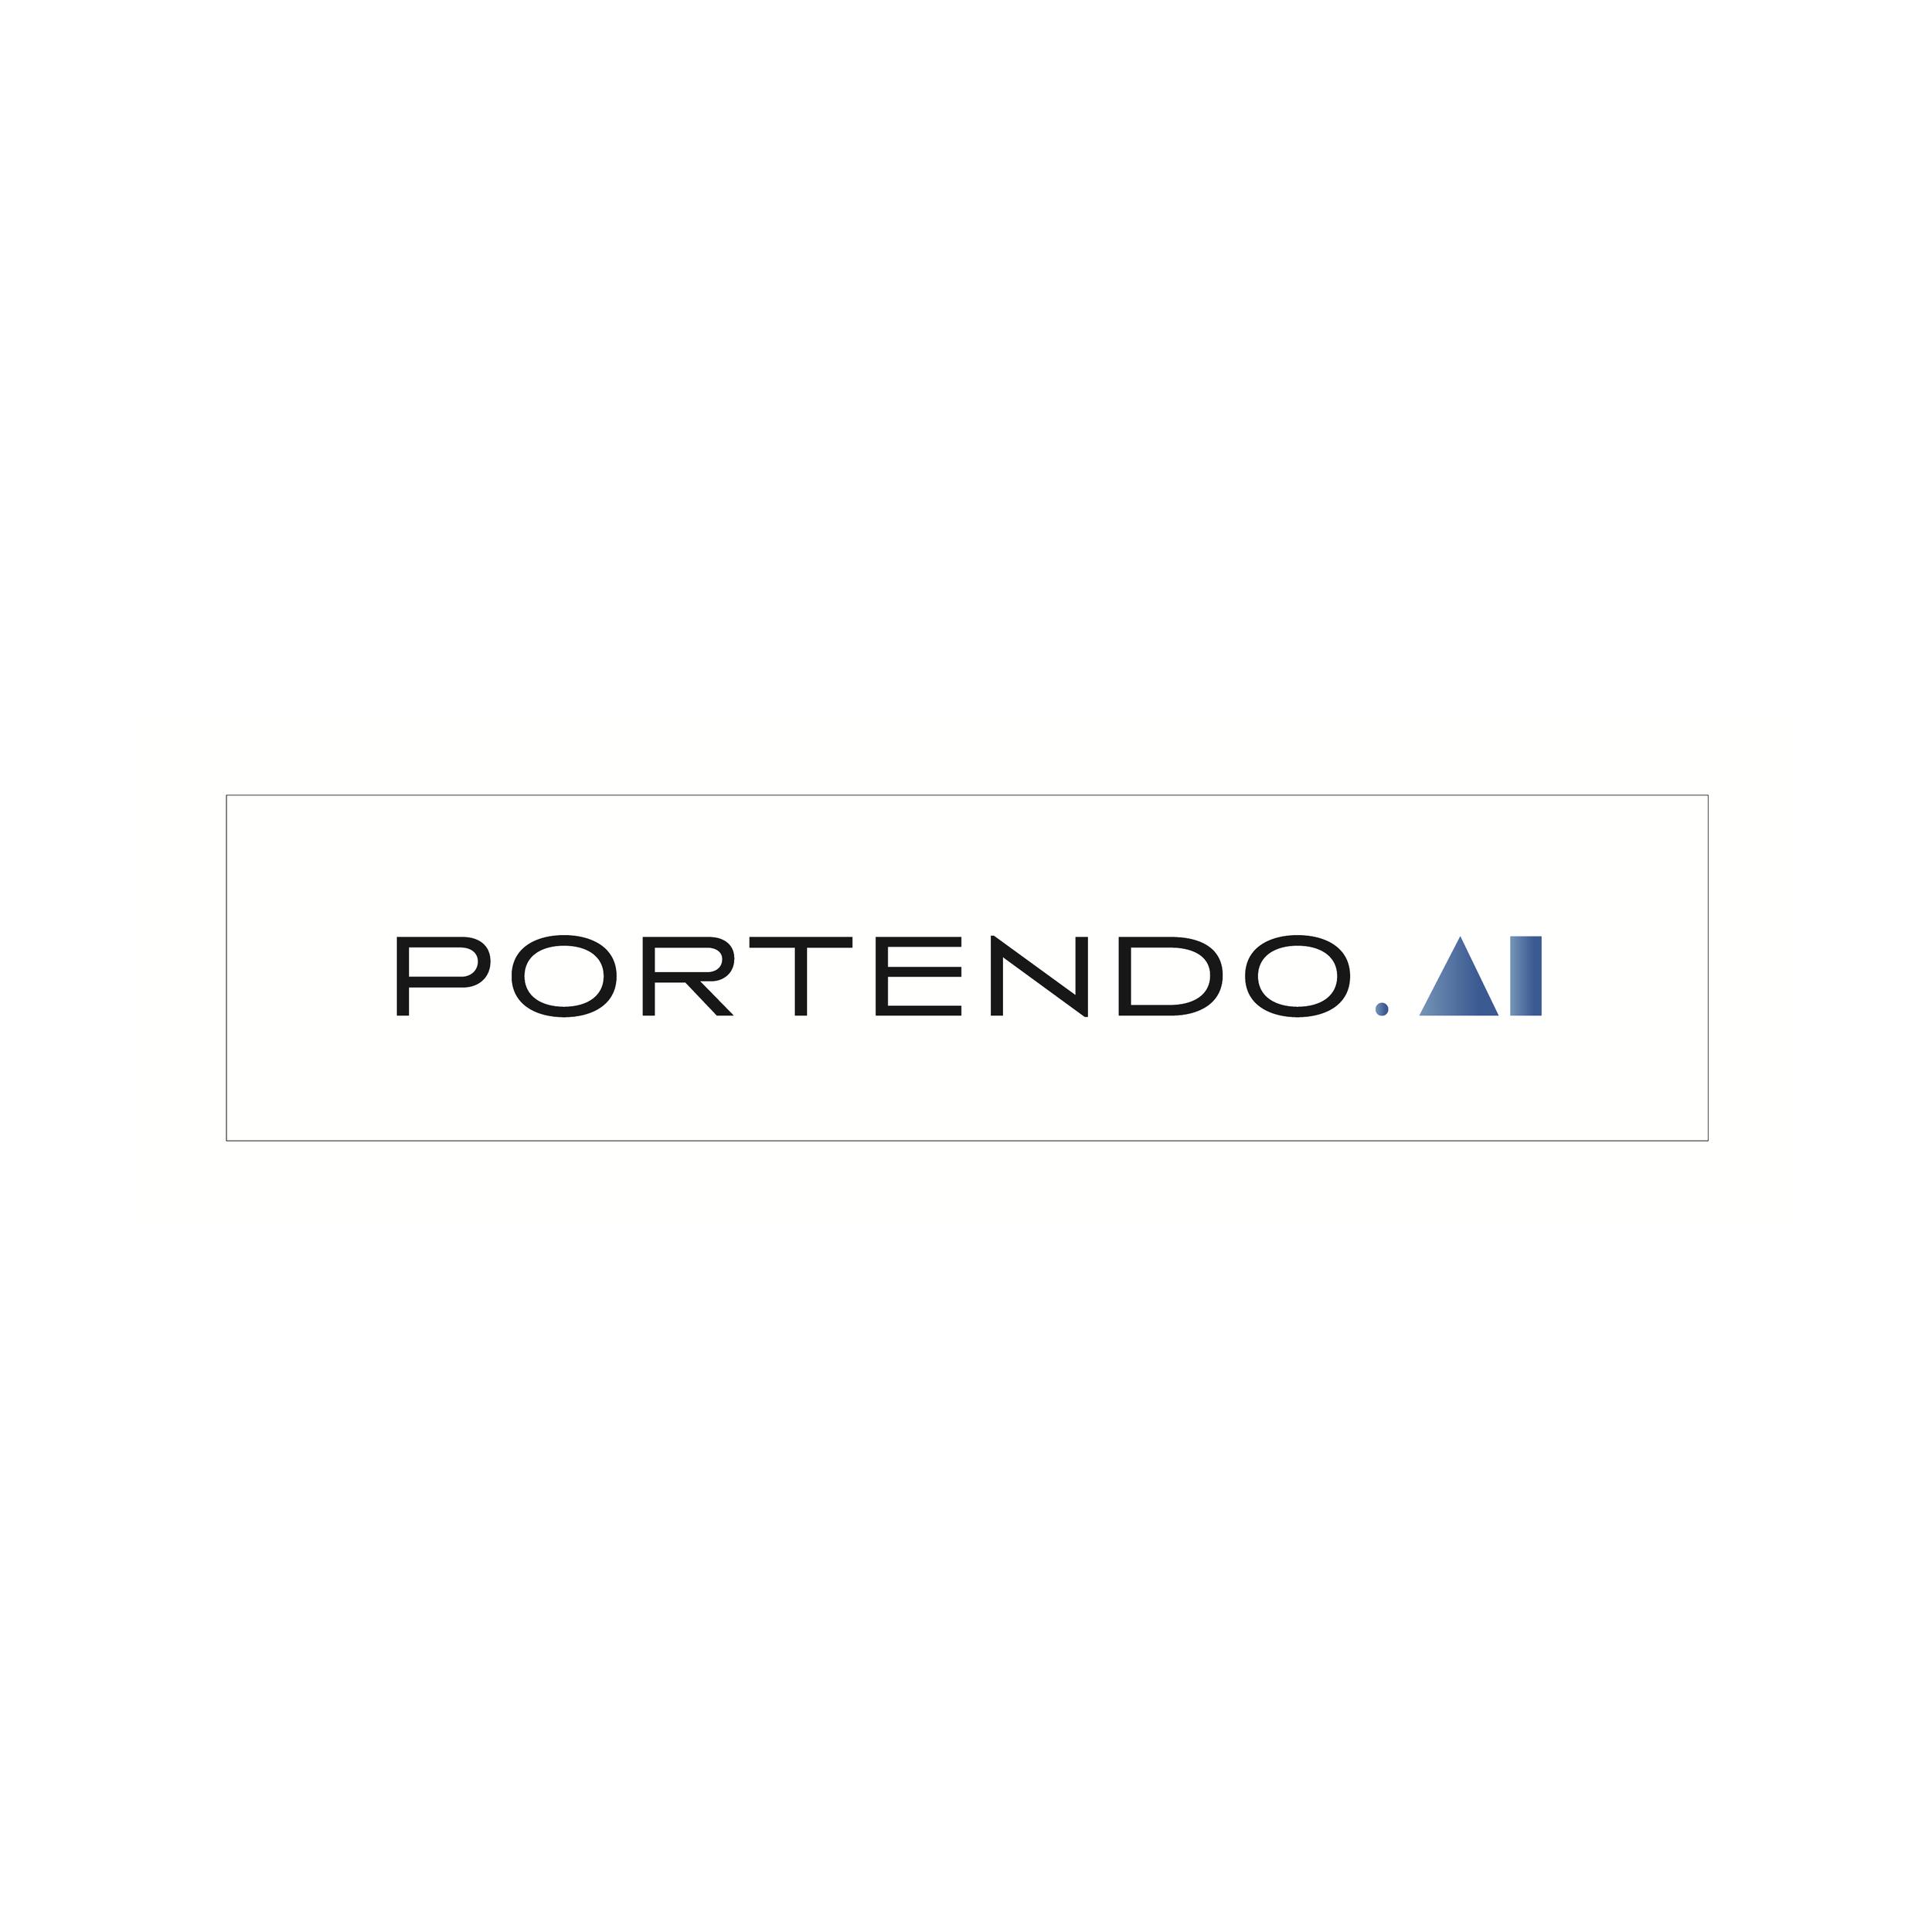 Portfolio - Portendo.png